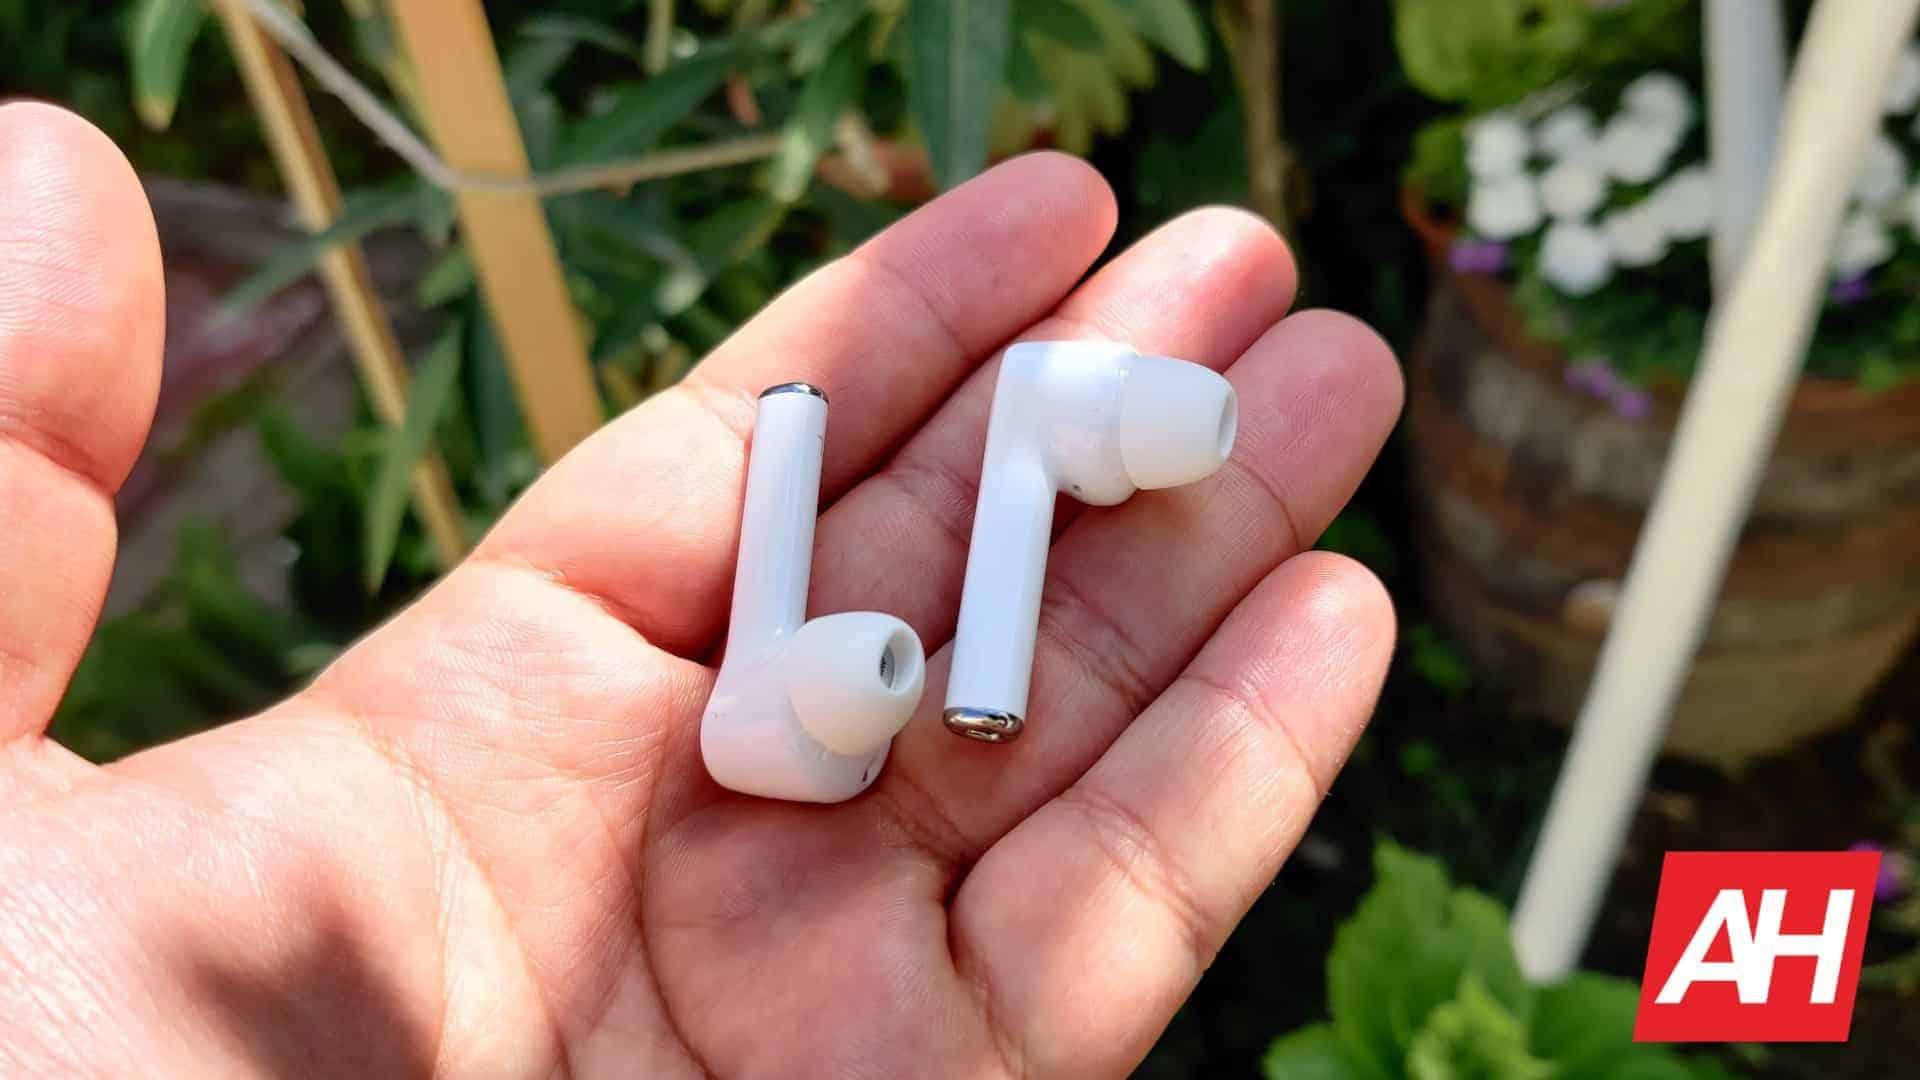 AH HONOR Magic Earbuds image 24